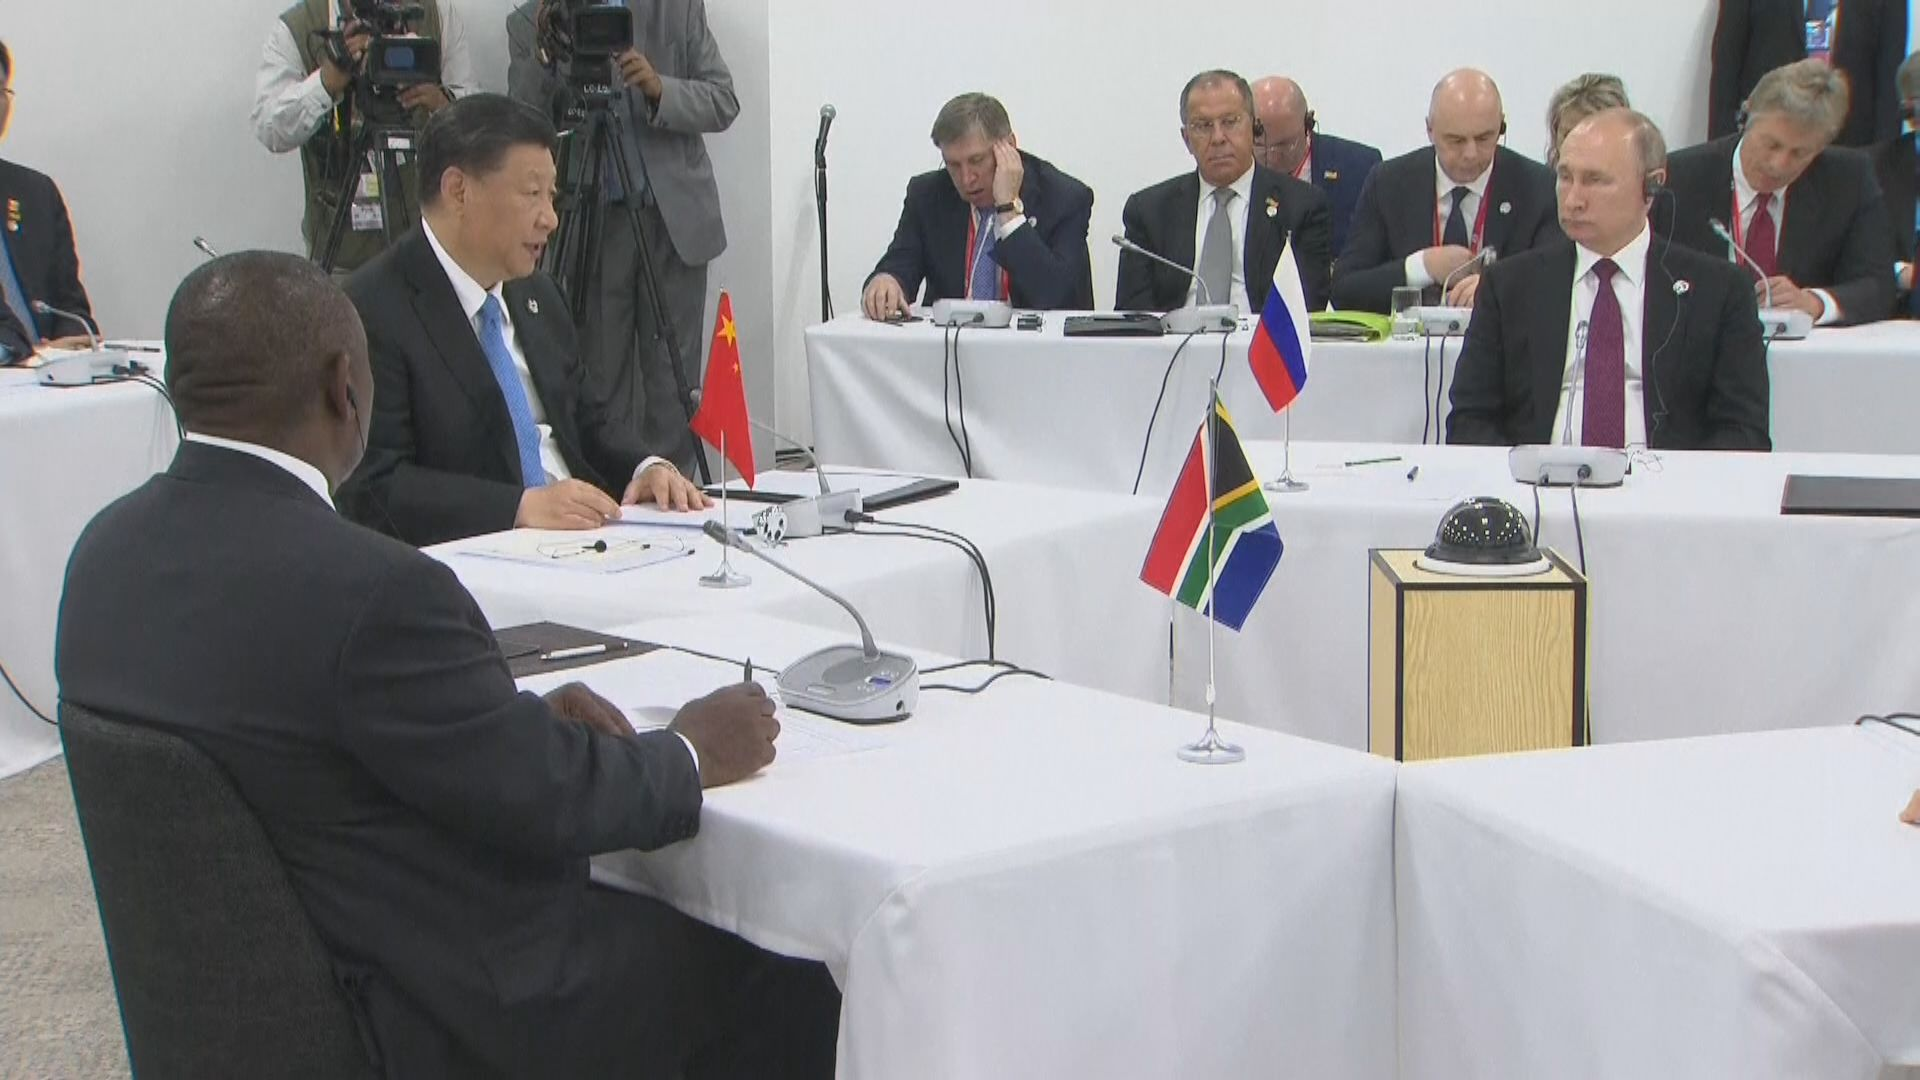 外界料峰會最多只能重啟停頓多時中美貿談